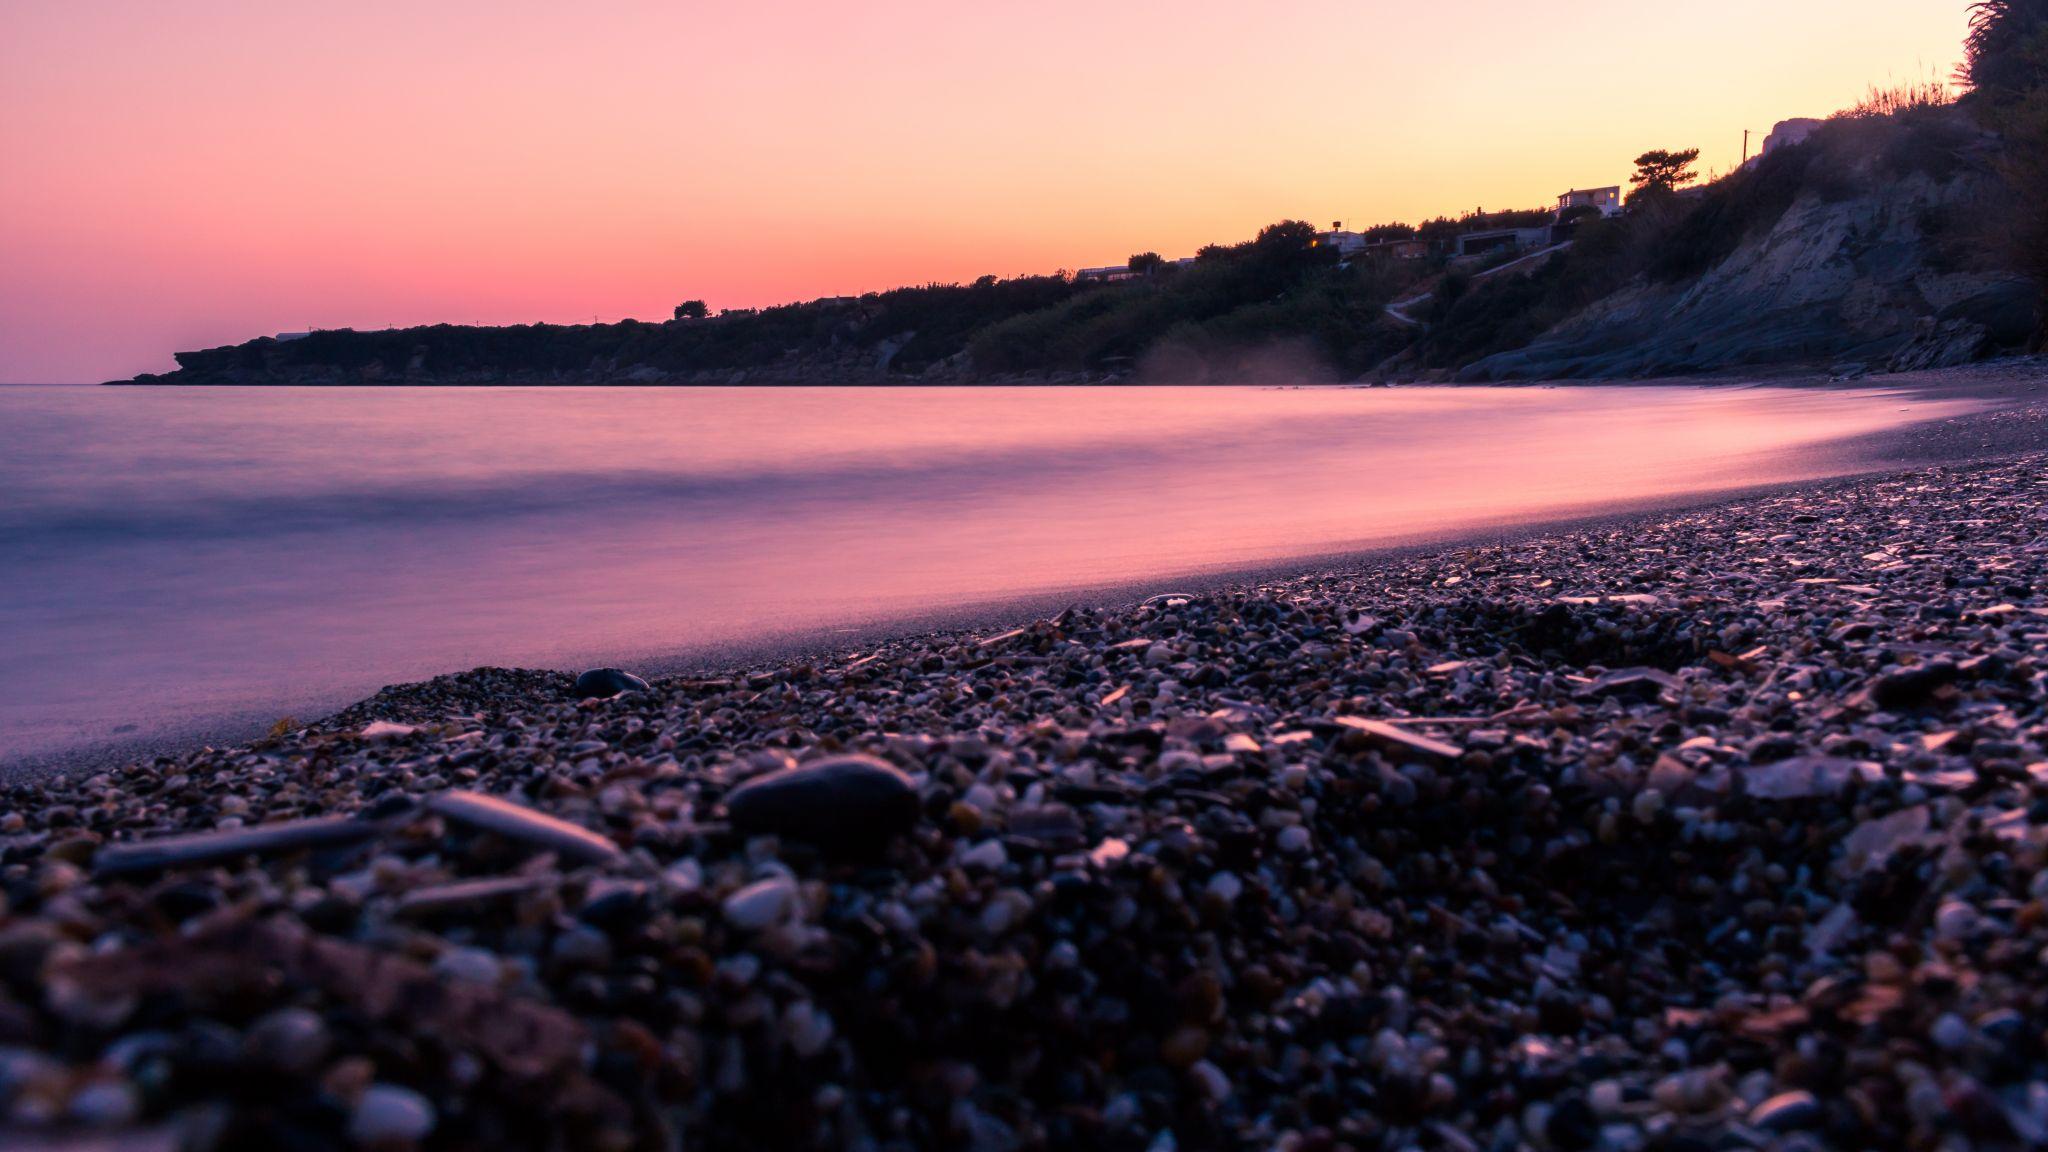 Beach at Porto Belissario Crete, Greece